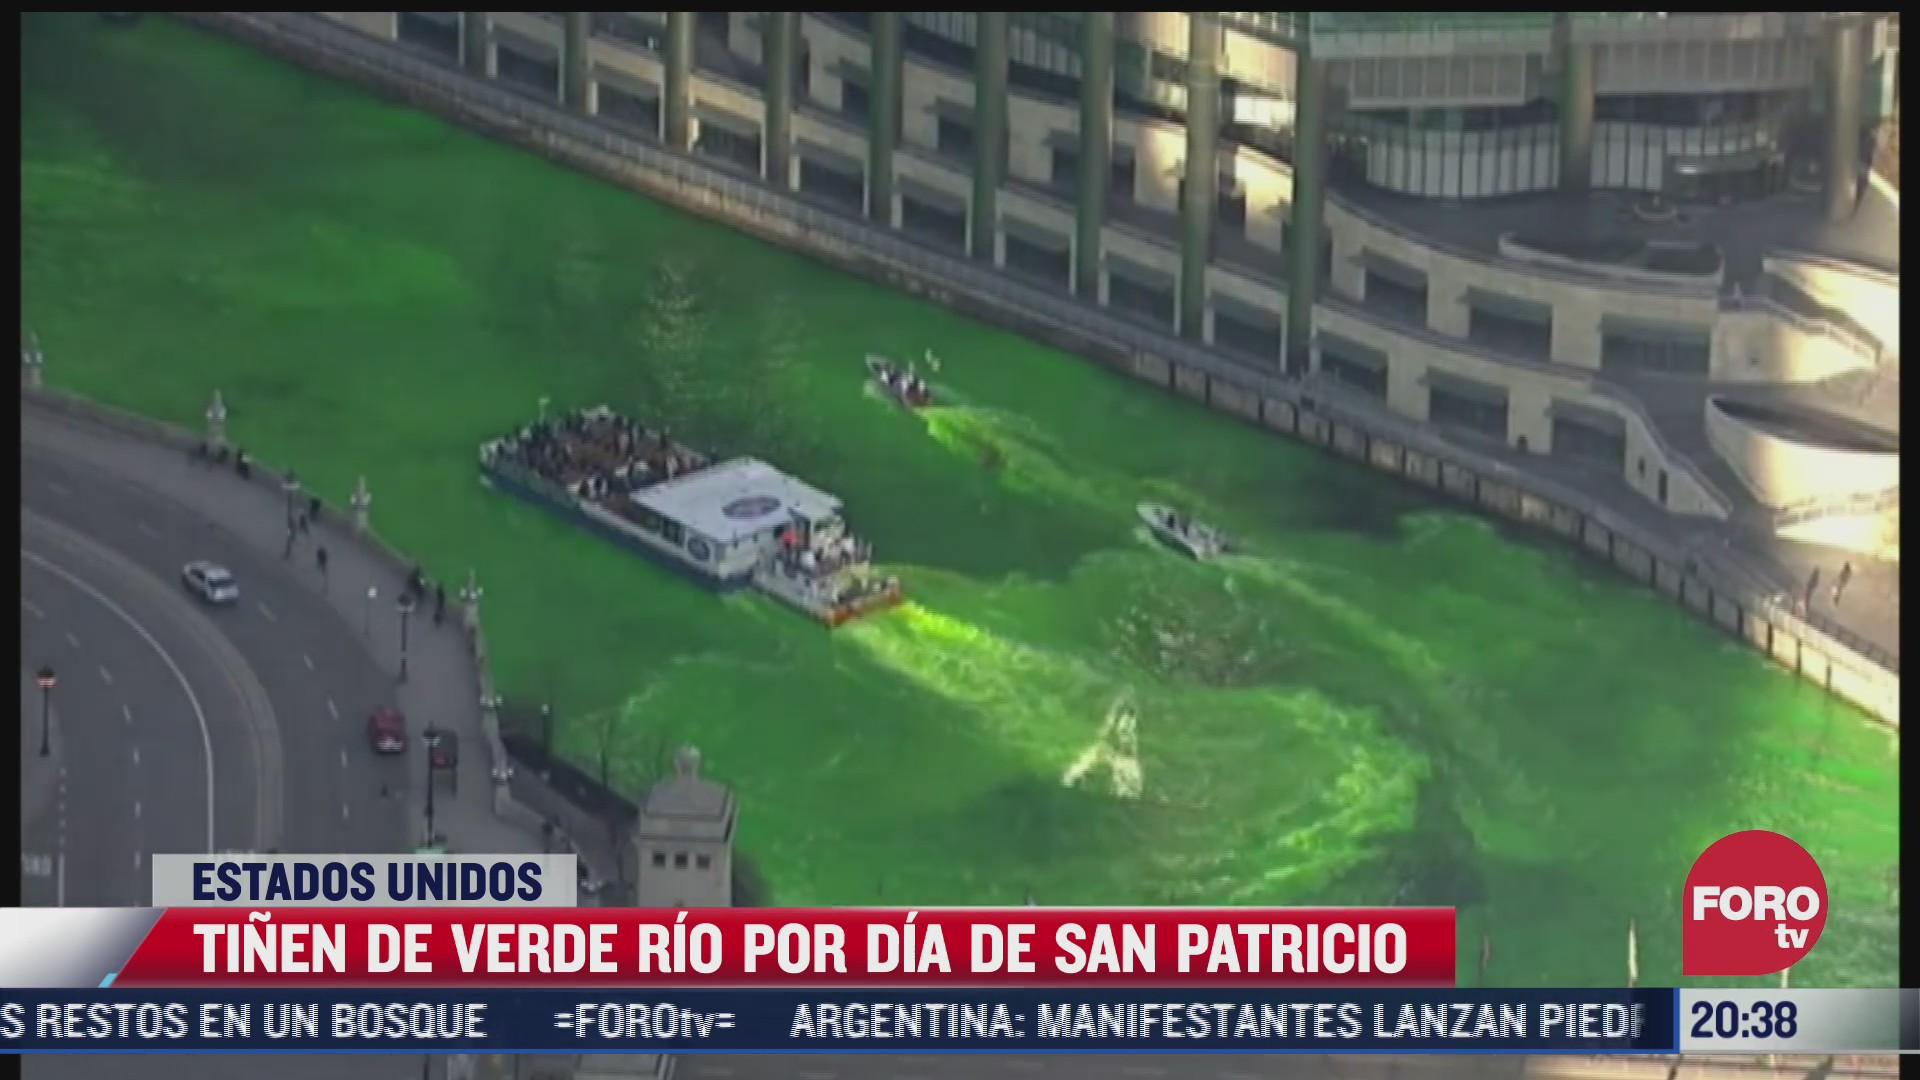 tinen de verde rio por dia de san patricio en eeuu